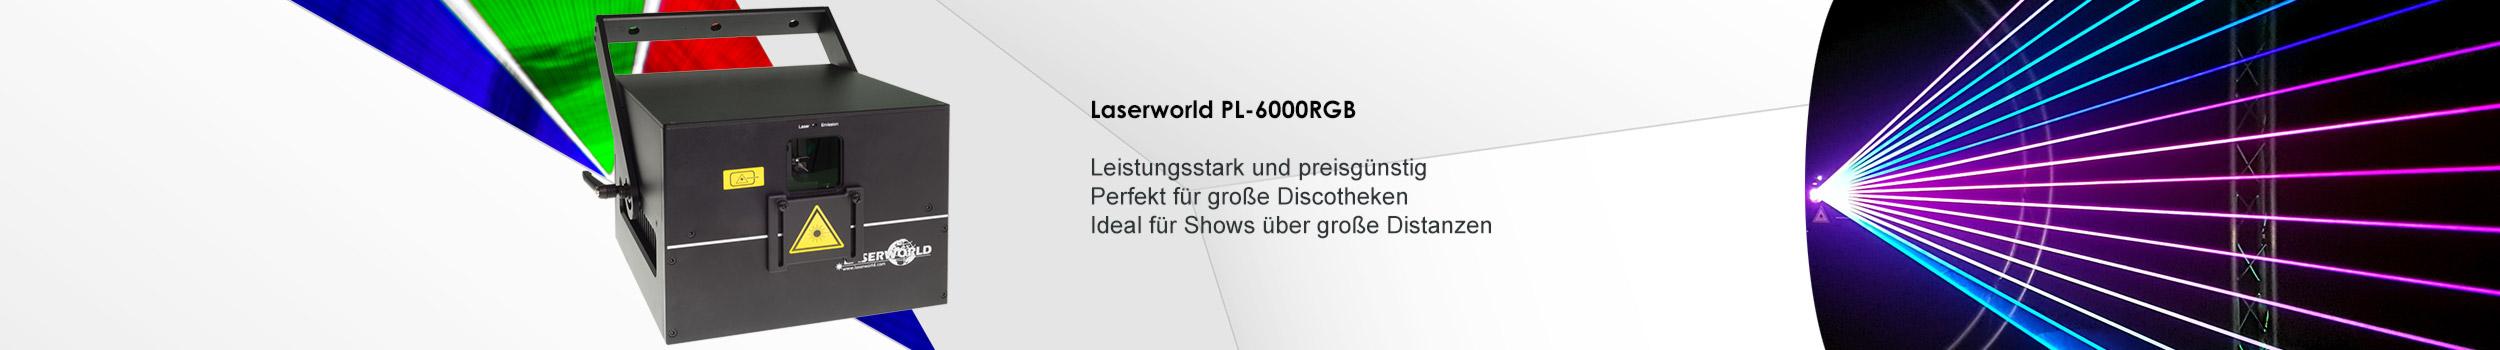 Laserworld PL-6000RGB Showlaser